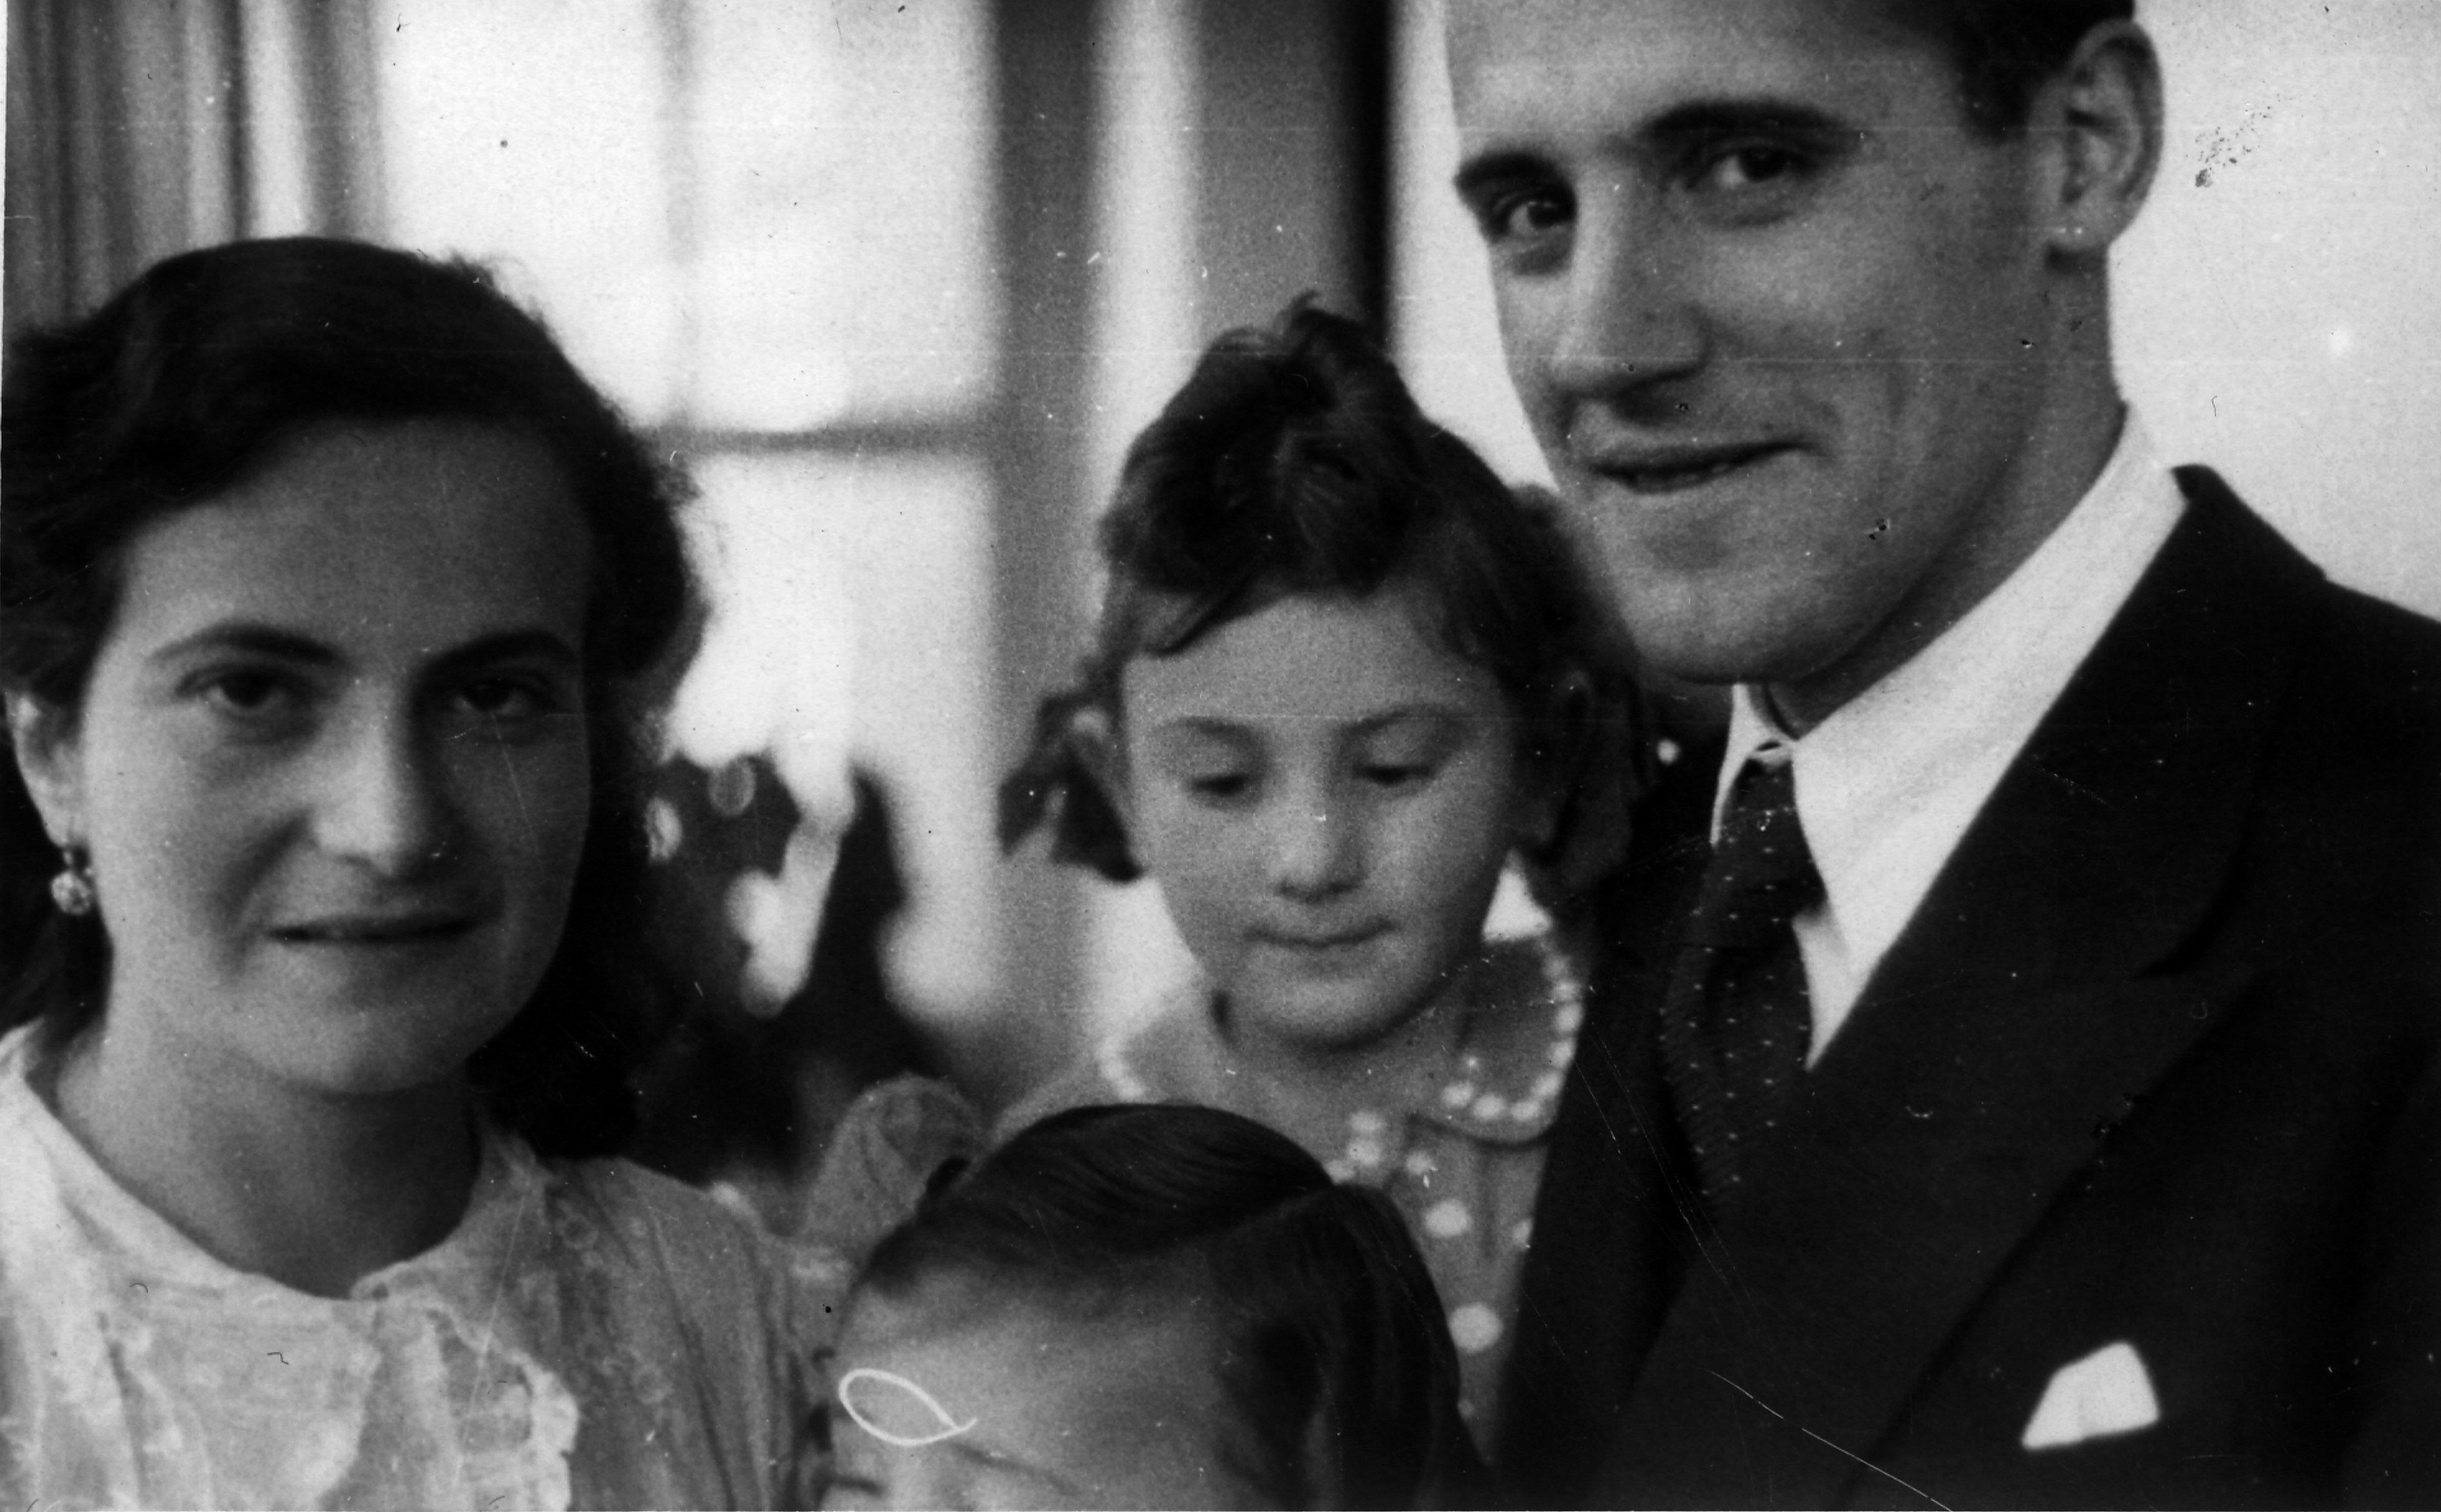 Małżeństwo Ortiz de Landazuri